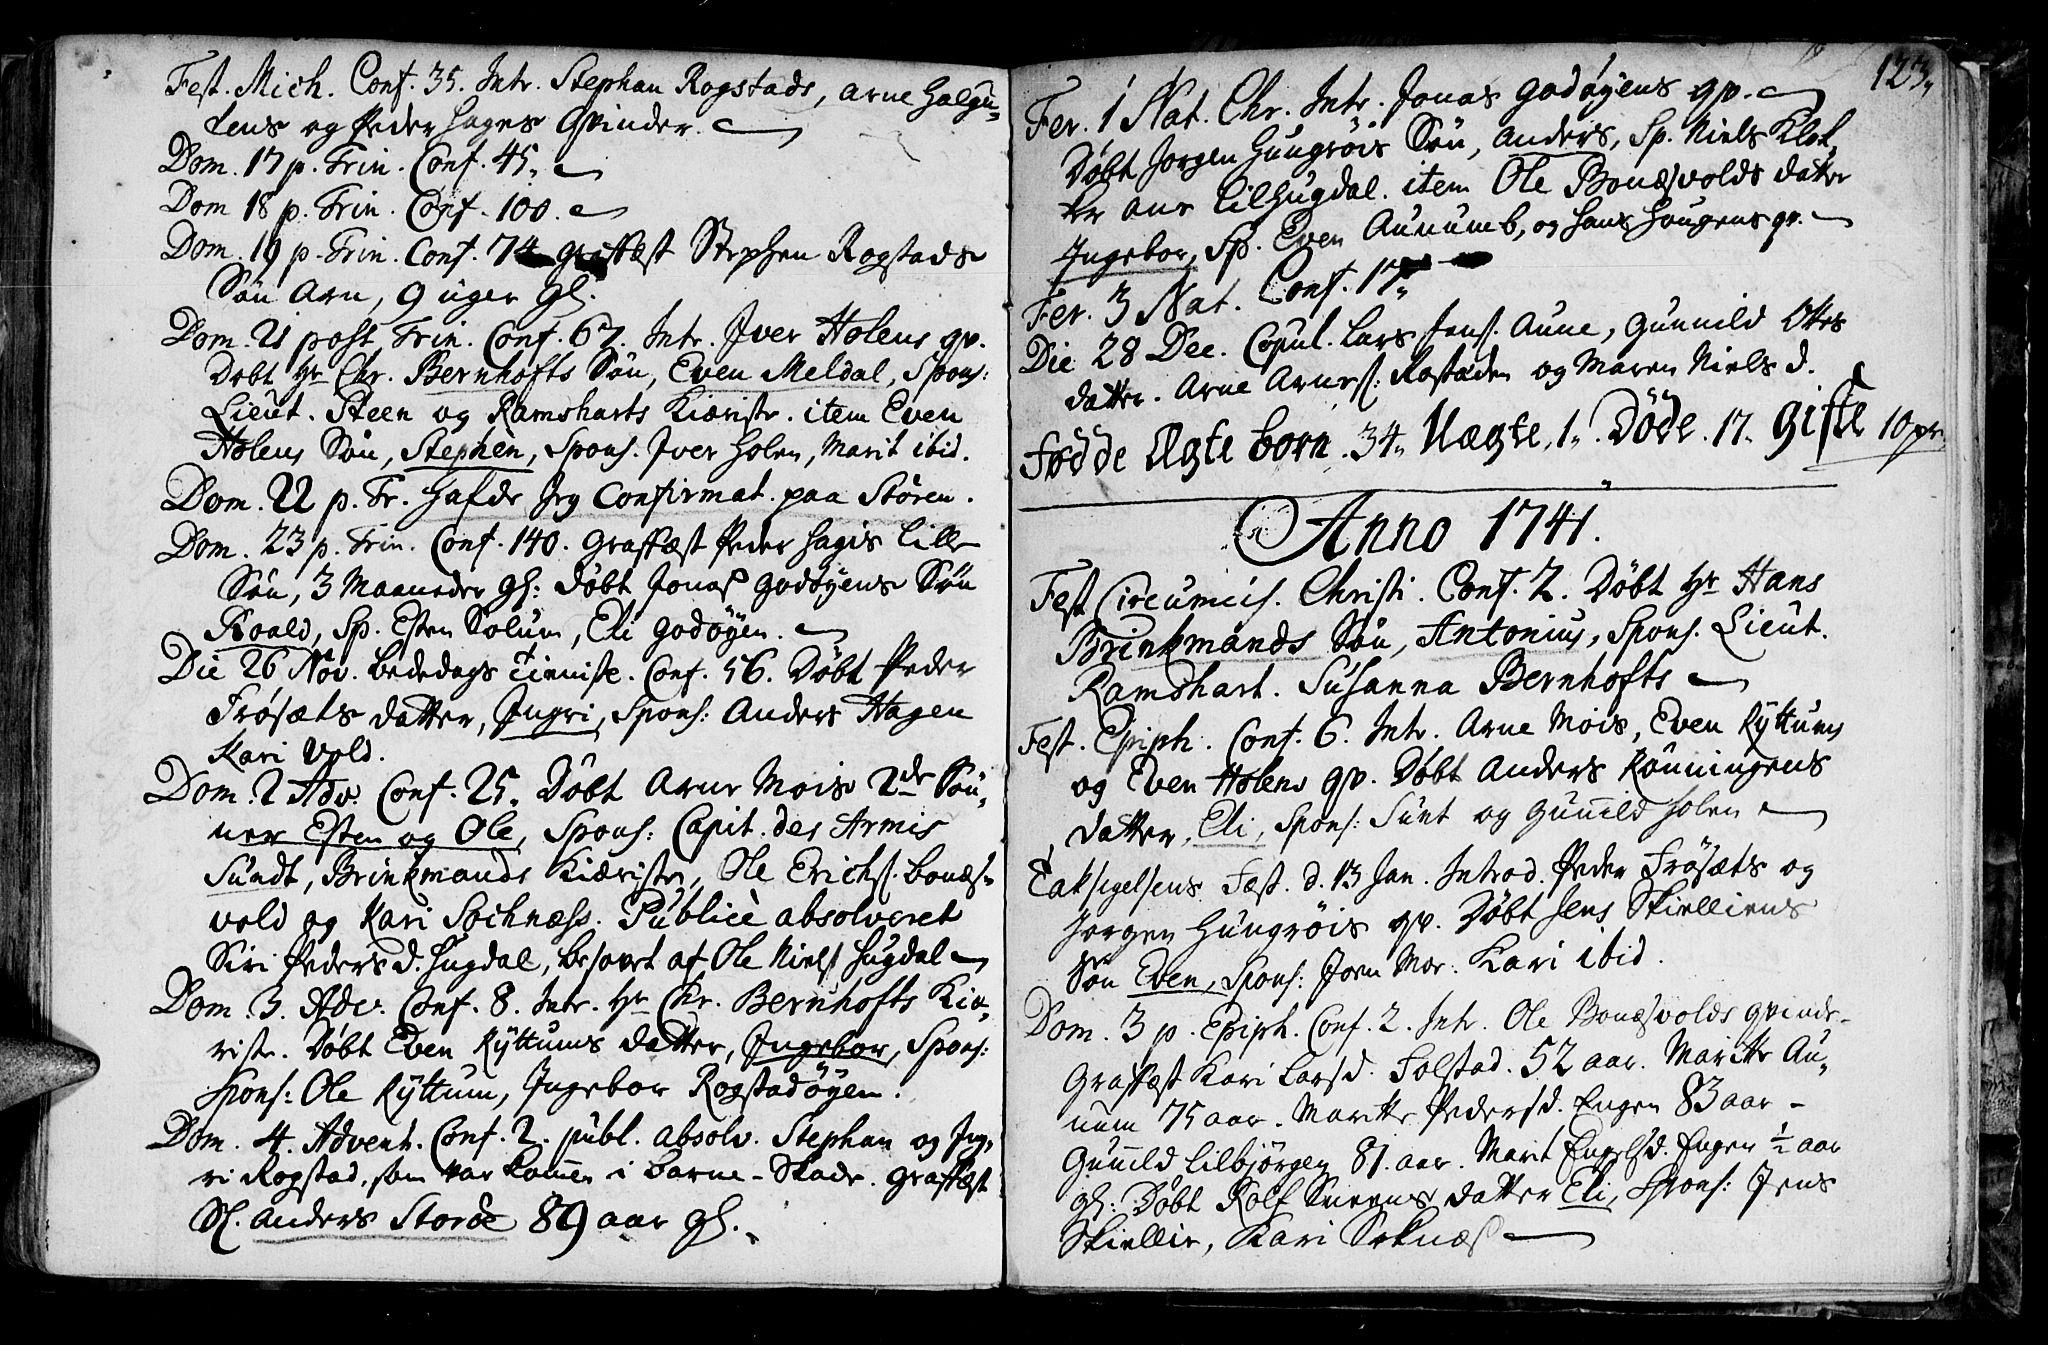 SAT, Ministerialprotokoller, klokkerbøker og fødselsregistre - Sør-Trøndelag, 687/L0990: Ministerialbok nr. 687A01, 1690-1746, s. 123